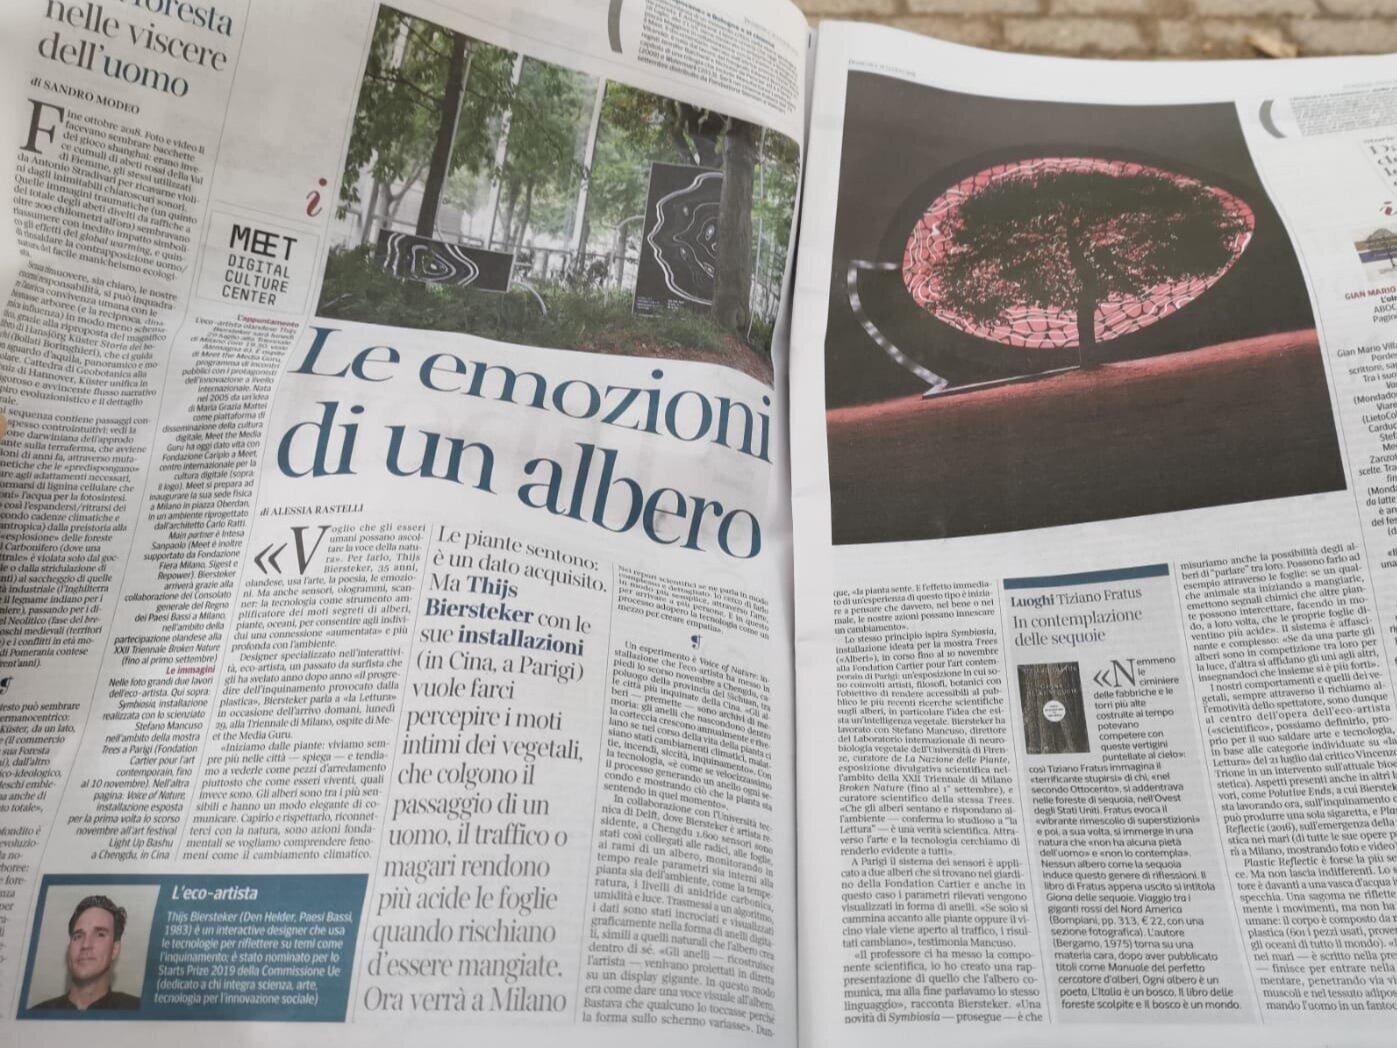 Corriere della sera- july 2019